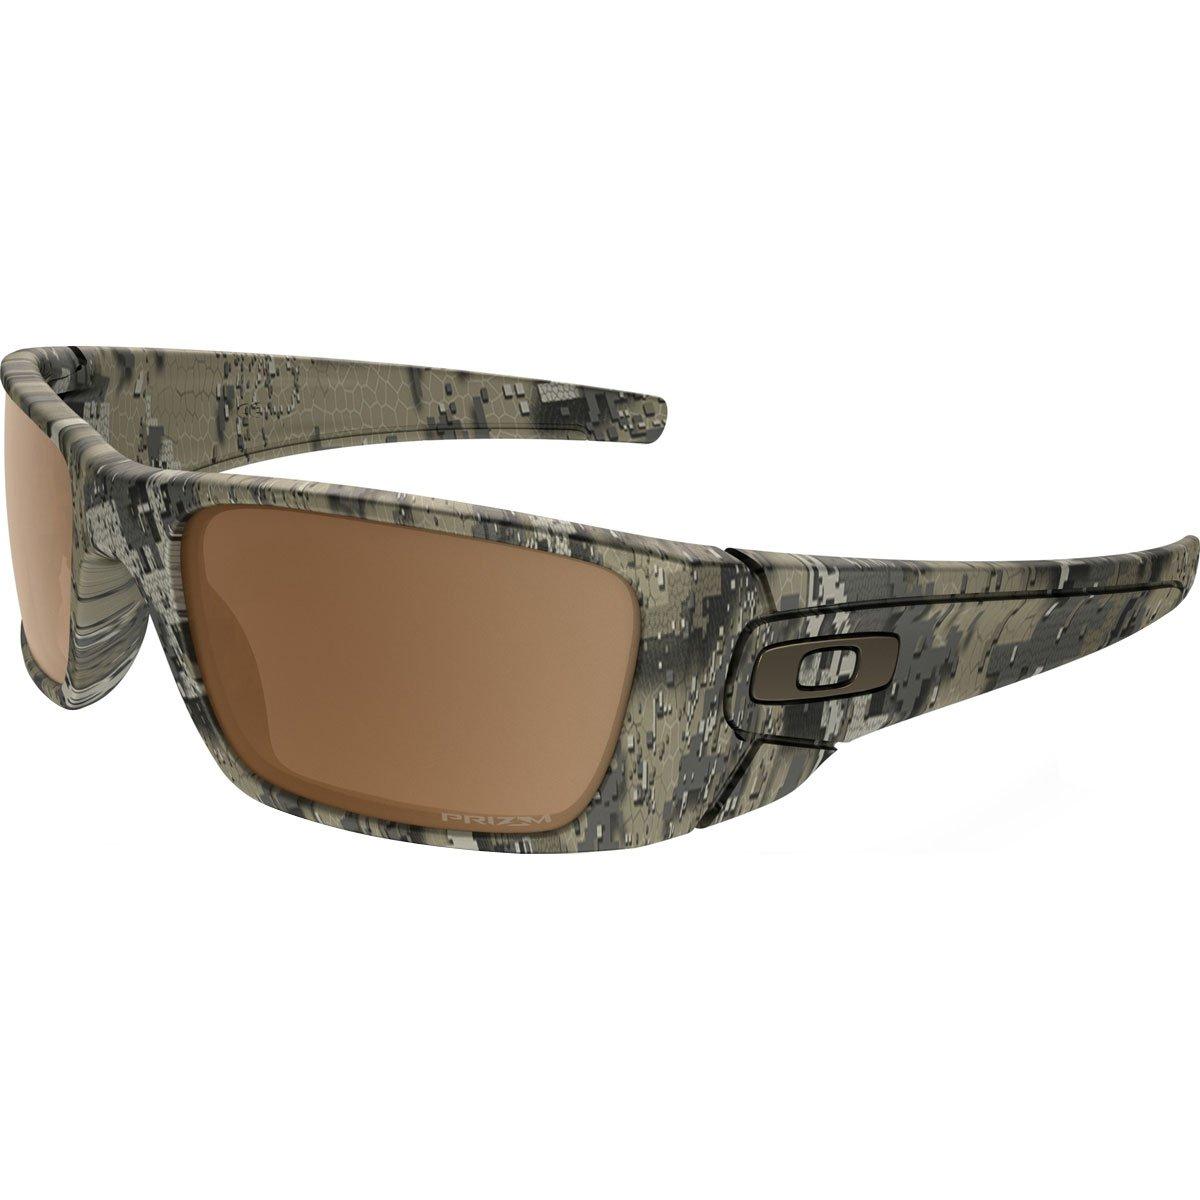 Oakley Mens Fuel Cell Sunglasses, Desolve Bare Camo/Prizm Tungsten, One Size